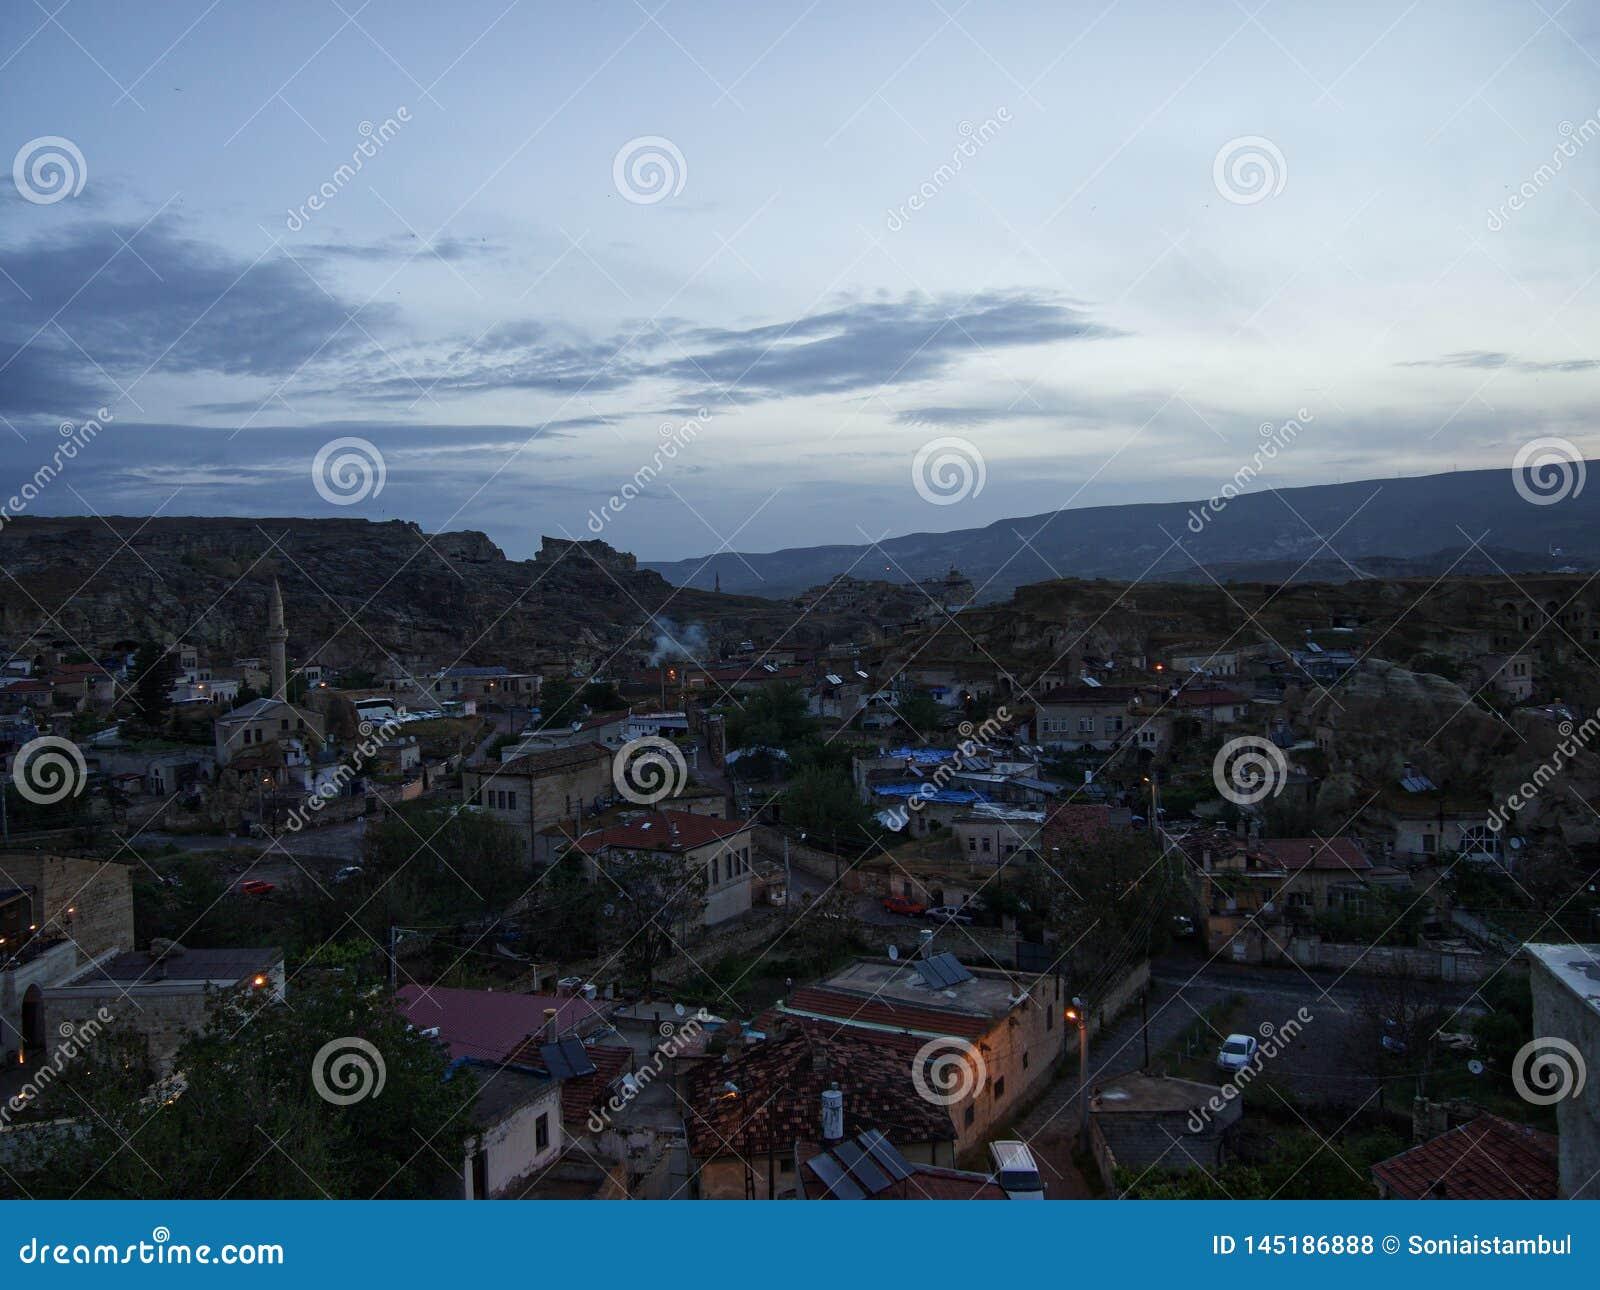 Urgup town at dawn